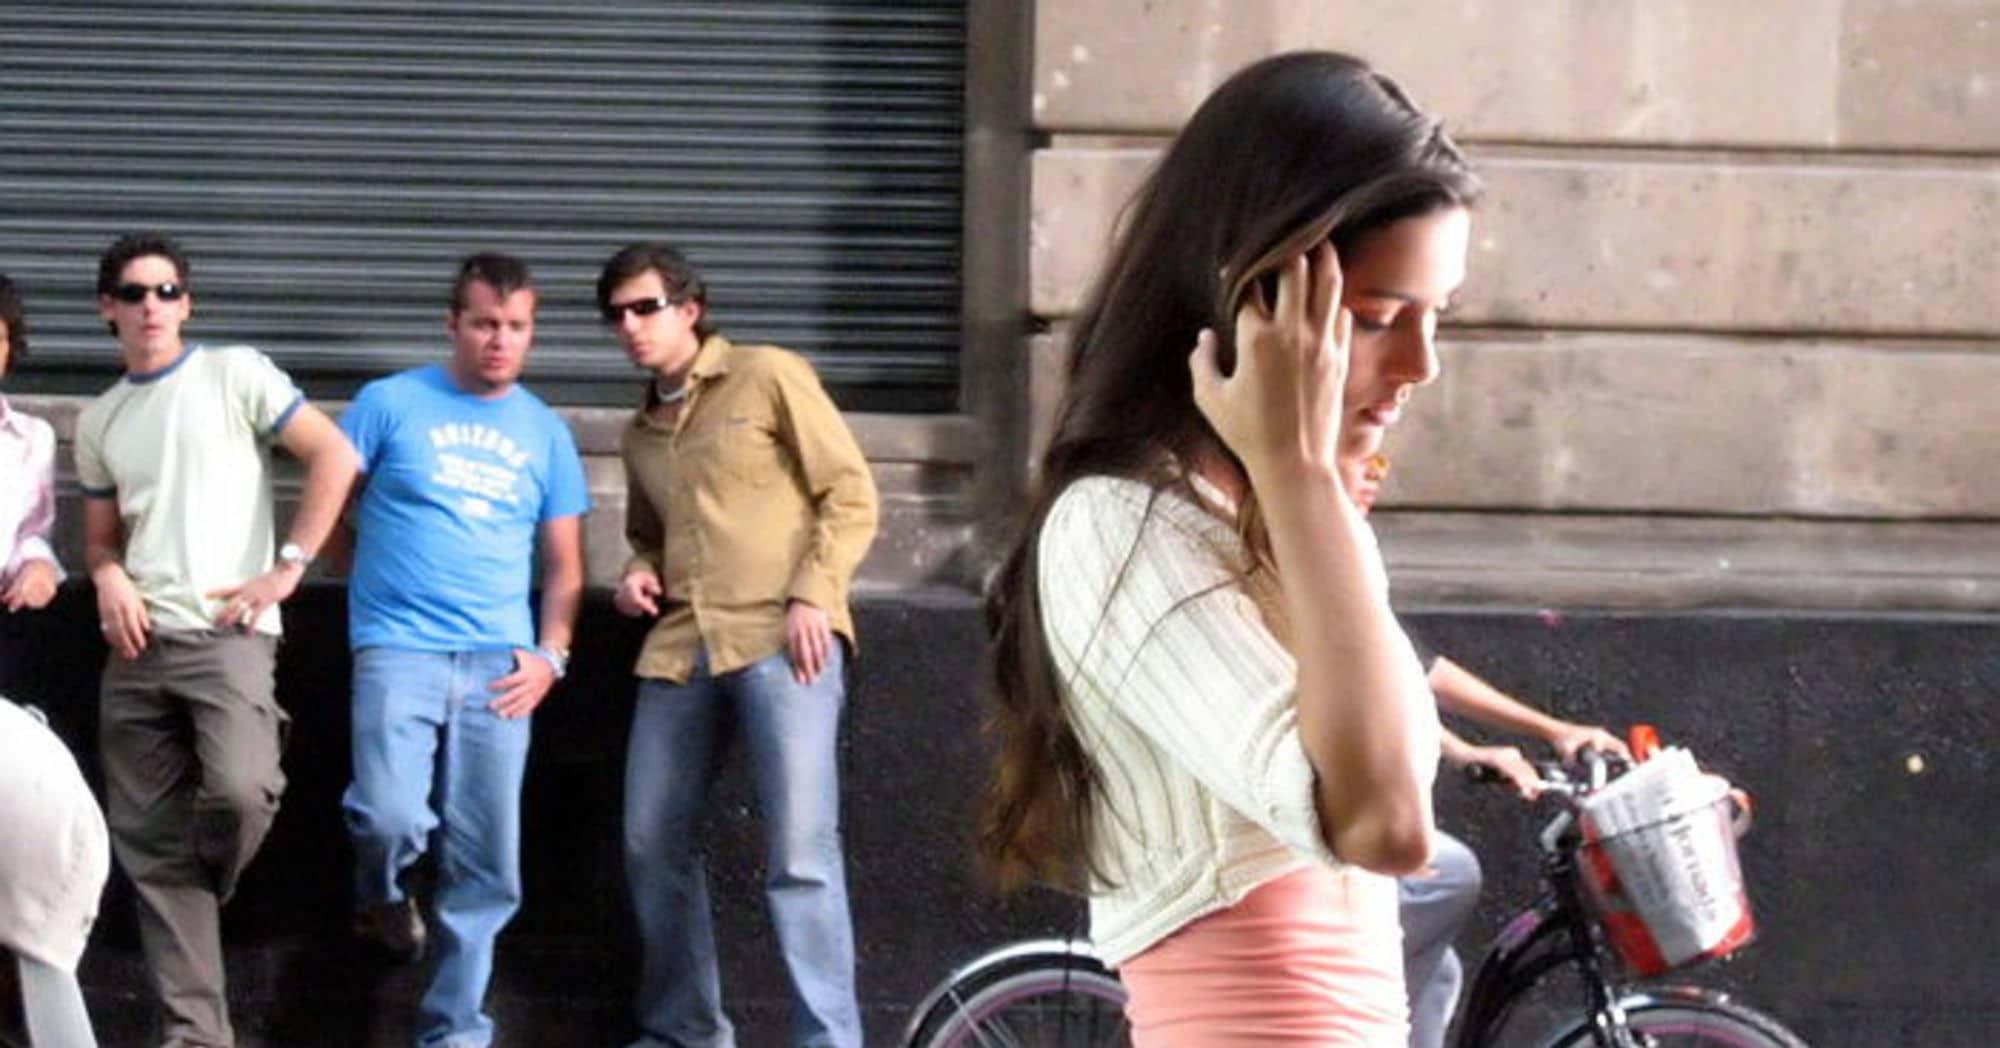 Mulher cobrindo o rosto ao andar na rua com três homens ao fundo a observando.